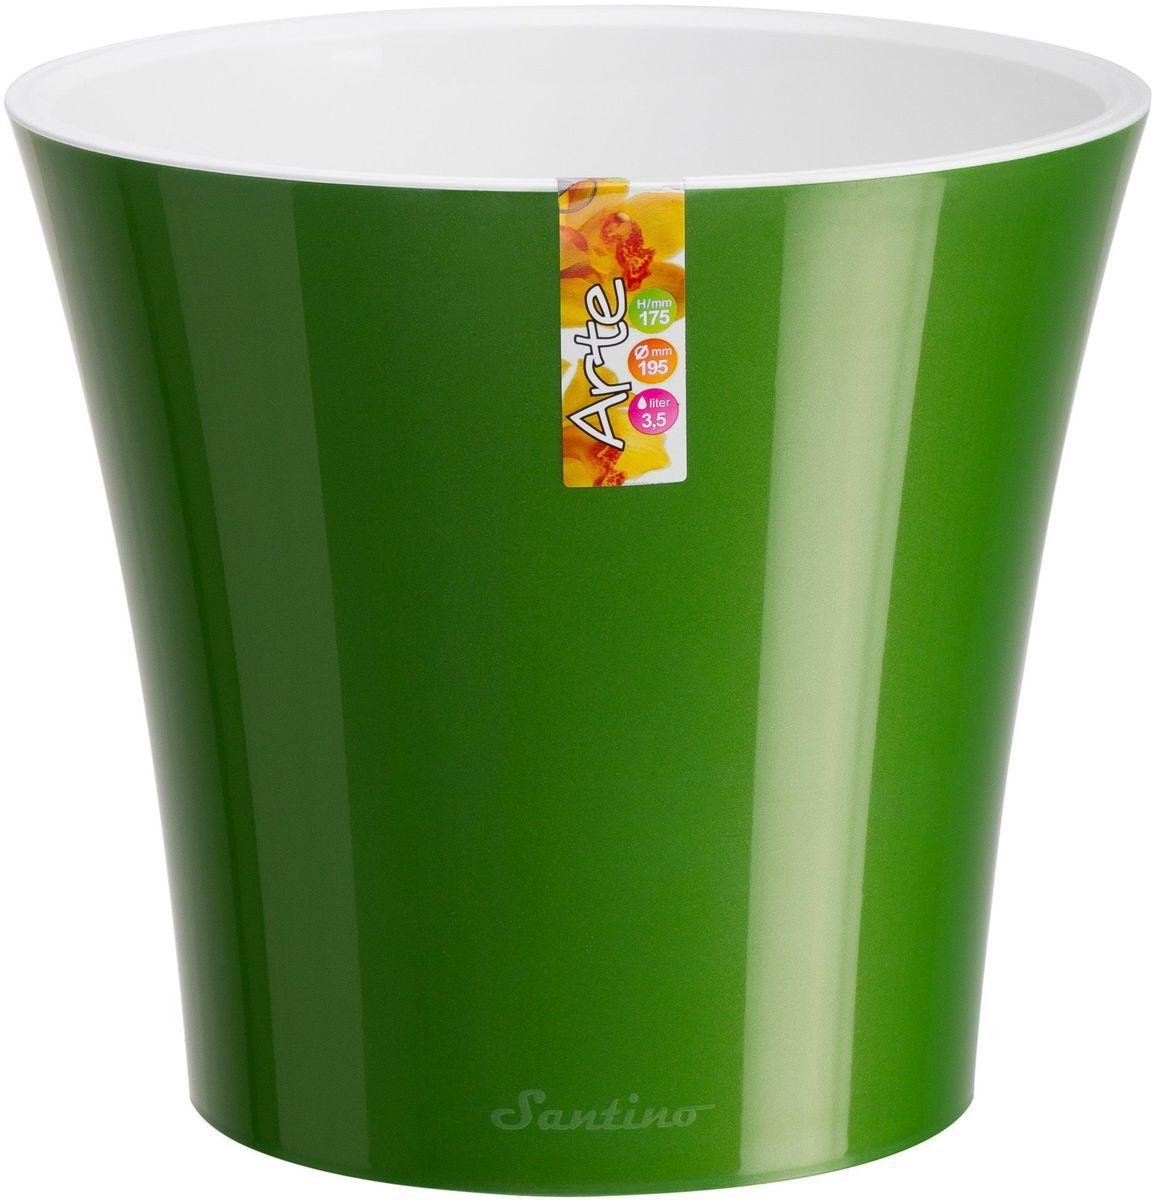 Горшок цветочный Santino Арте, двойной, с системой автополива, цвет: зеленое золото, белый, 5 лАРТ 5 ЗЗ-БСистем автополива - гарантия здоровья ваших цветов. Экономия времени - решение для самых занятых. Чистота и удобство - нет протекания воды при поливе. Здоровые корини - нет застаивания корней в воде. Оптимальный рост - корни обеспечены циркуляцией воздуха.